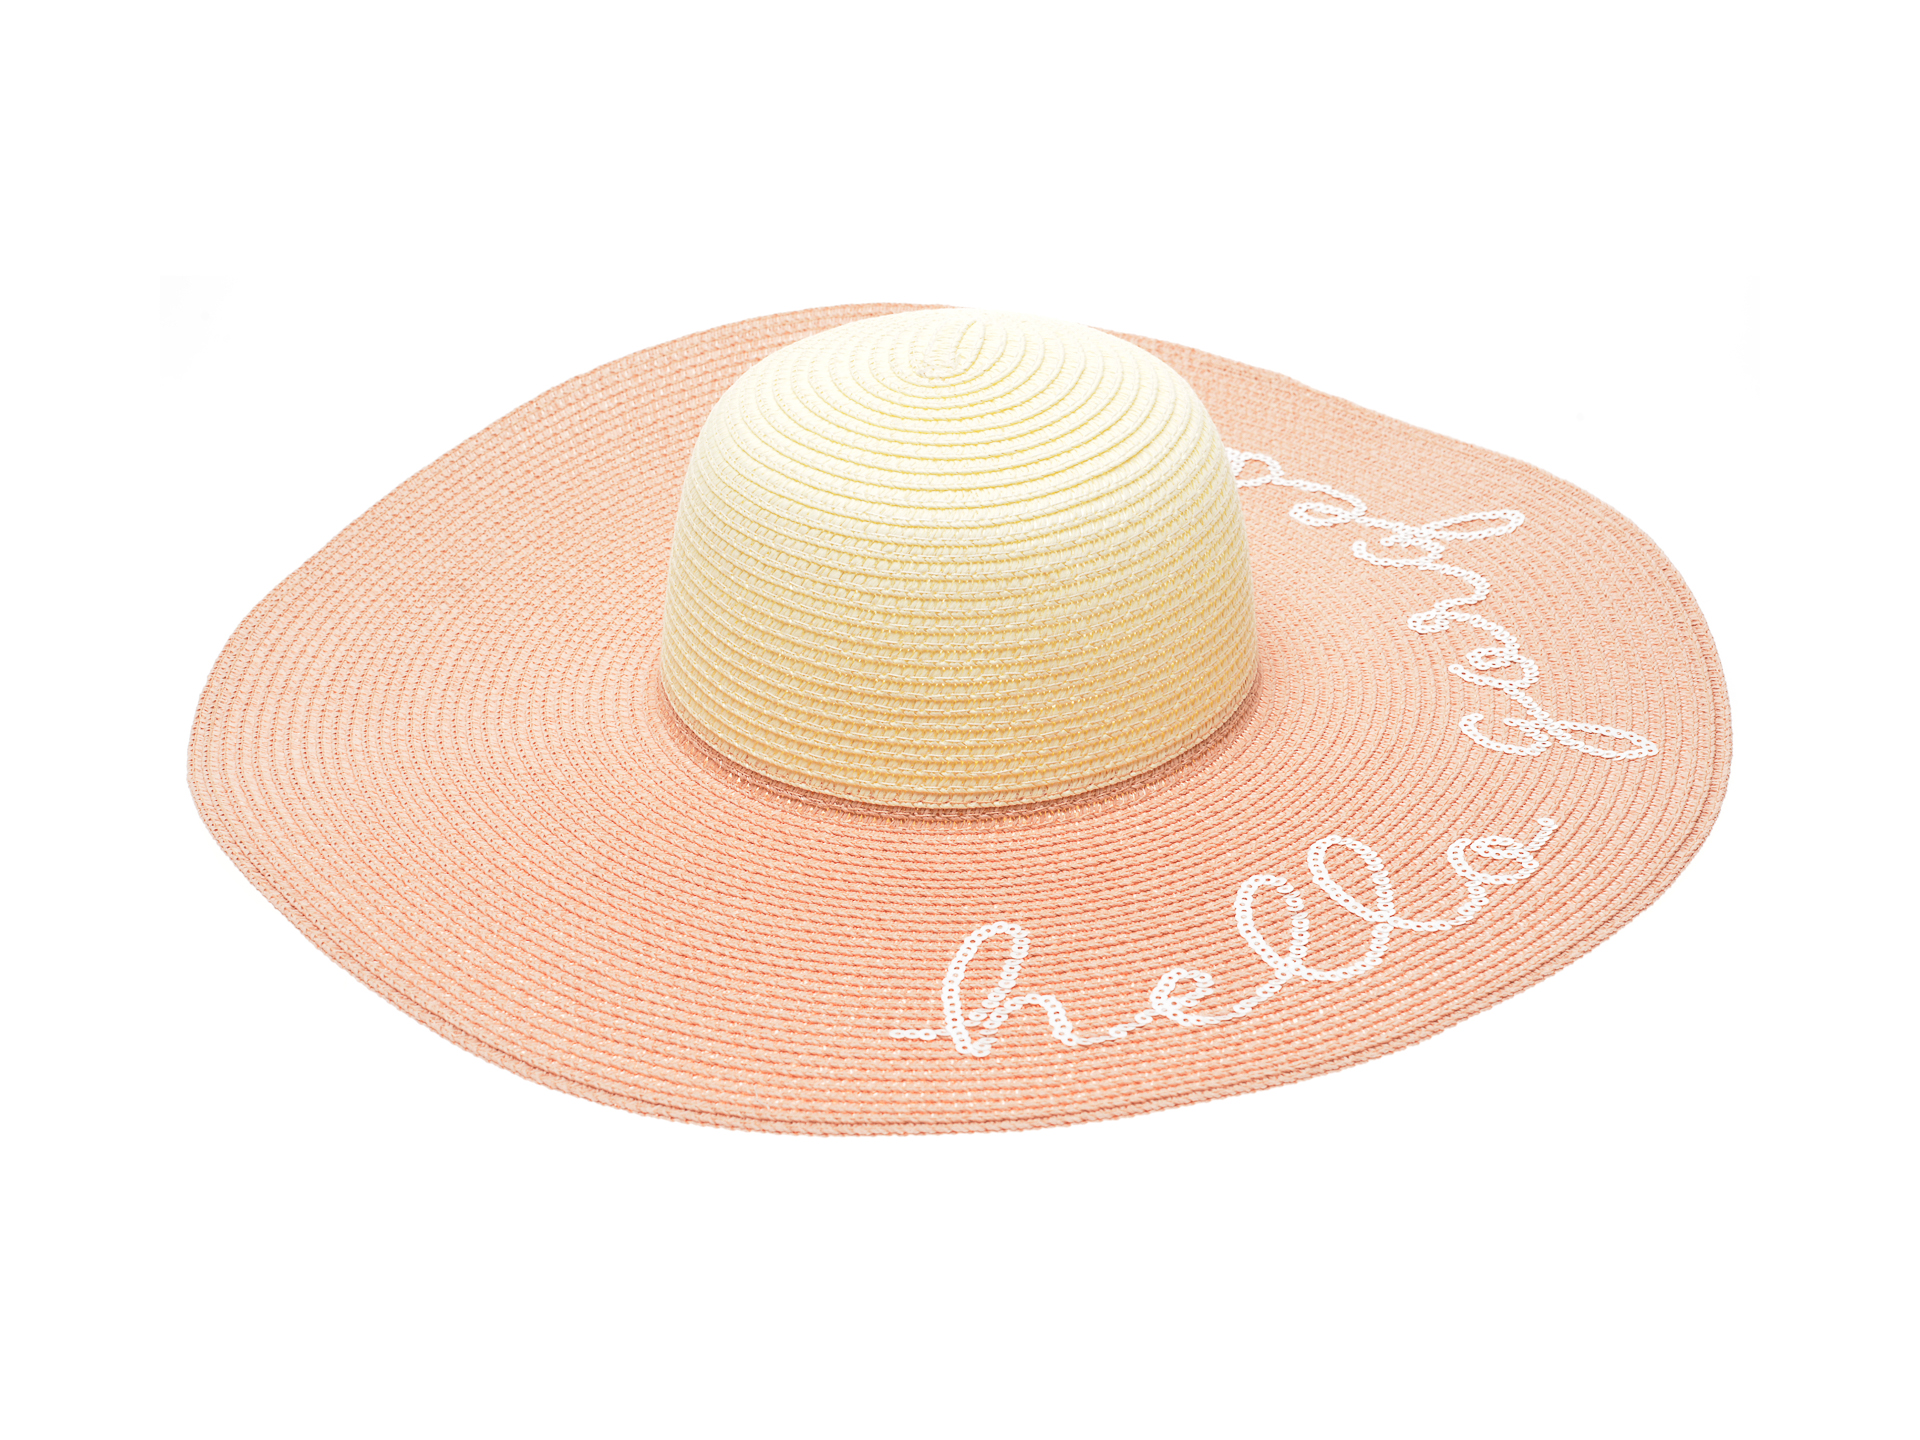 Palarie ALDO roz, Weema680, din material textil imagine